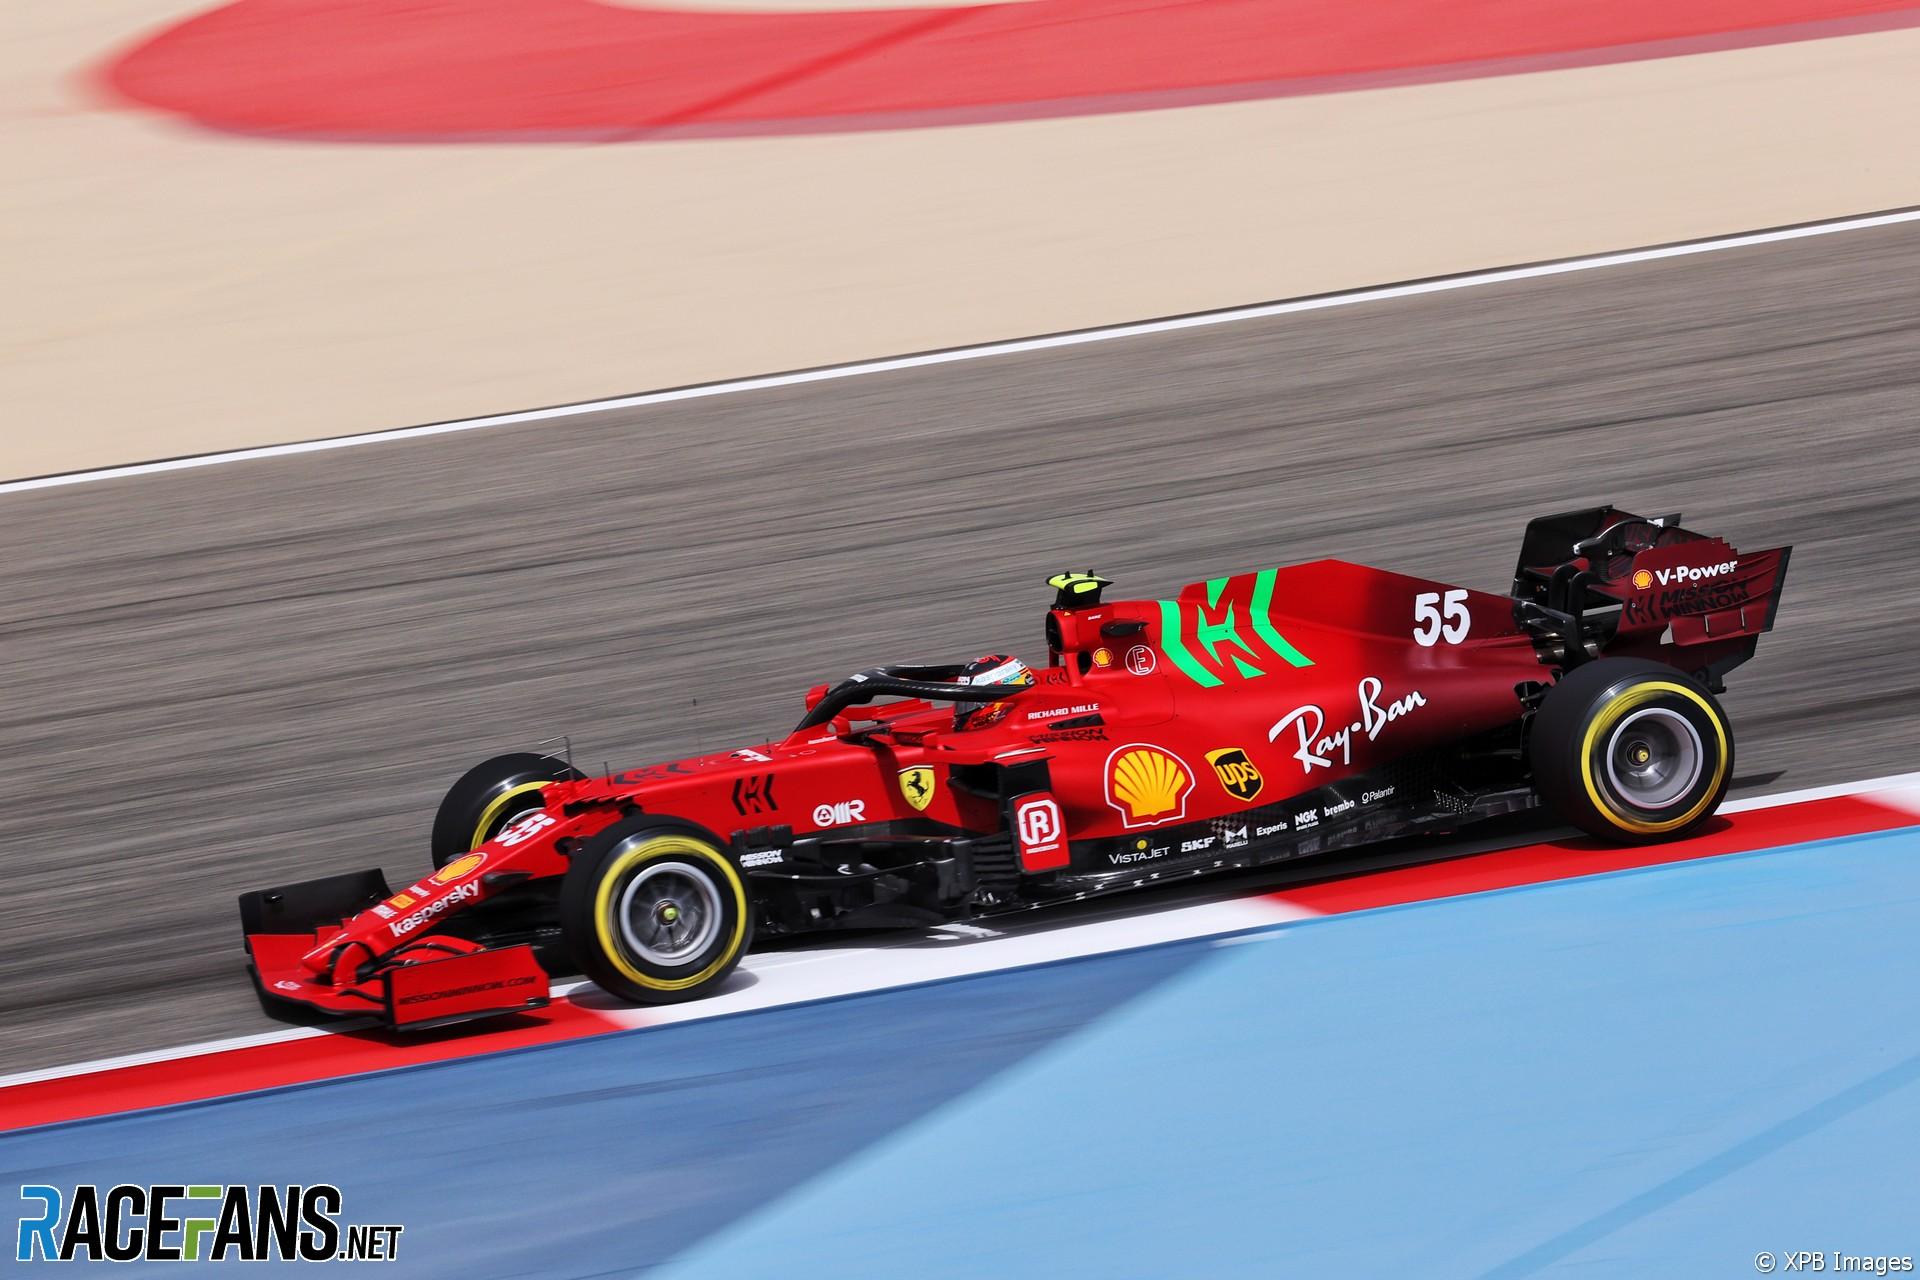 Carlos Sainz Jnr, Ferrari, Bahrain International Circuit, 2021 · RaceFans